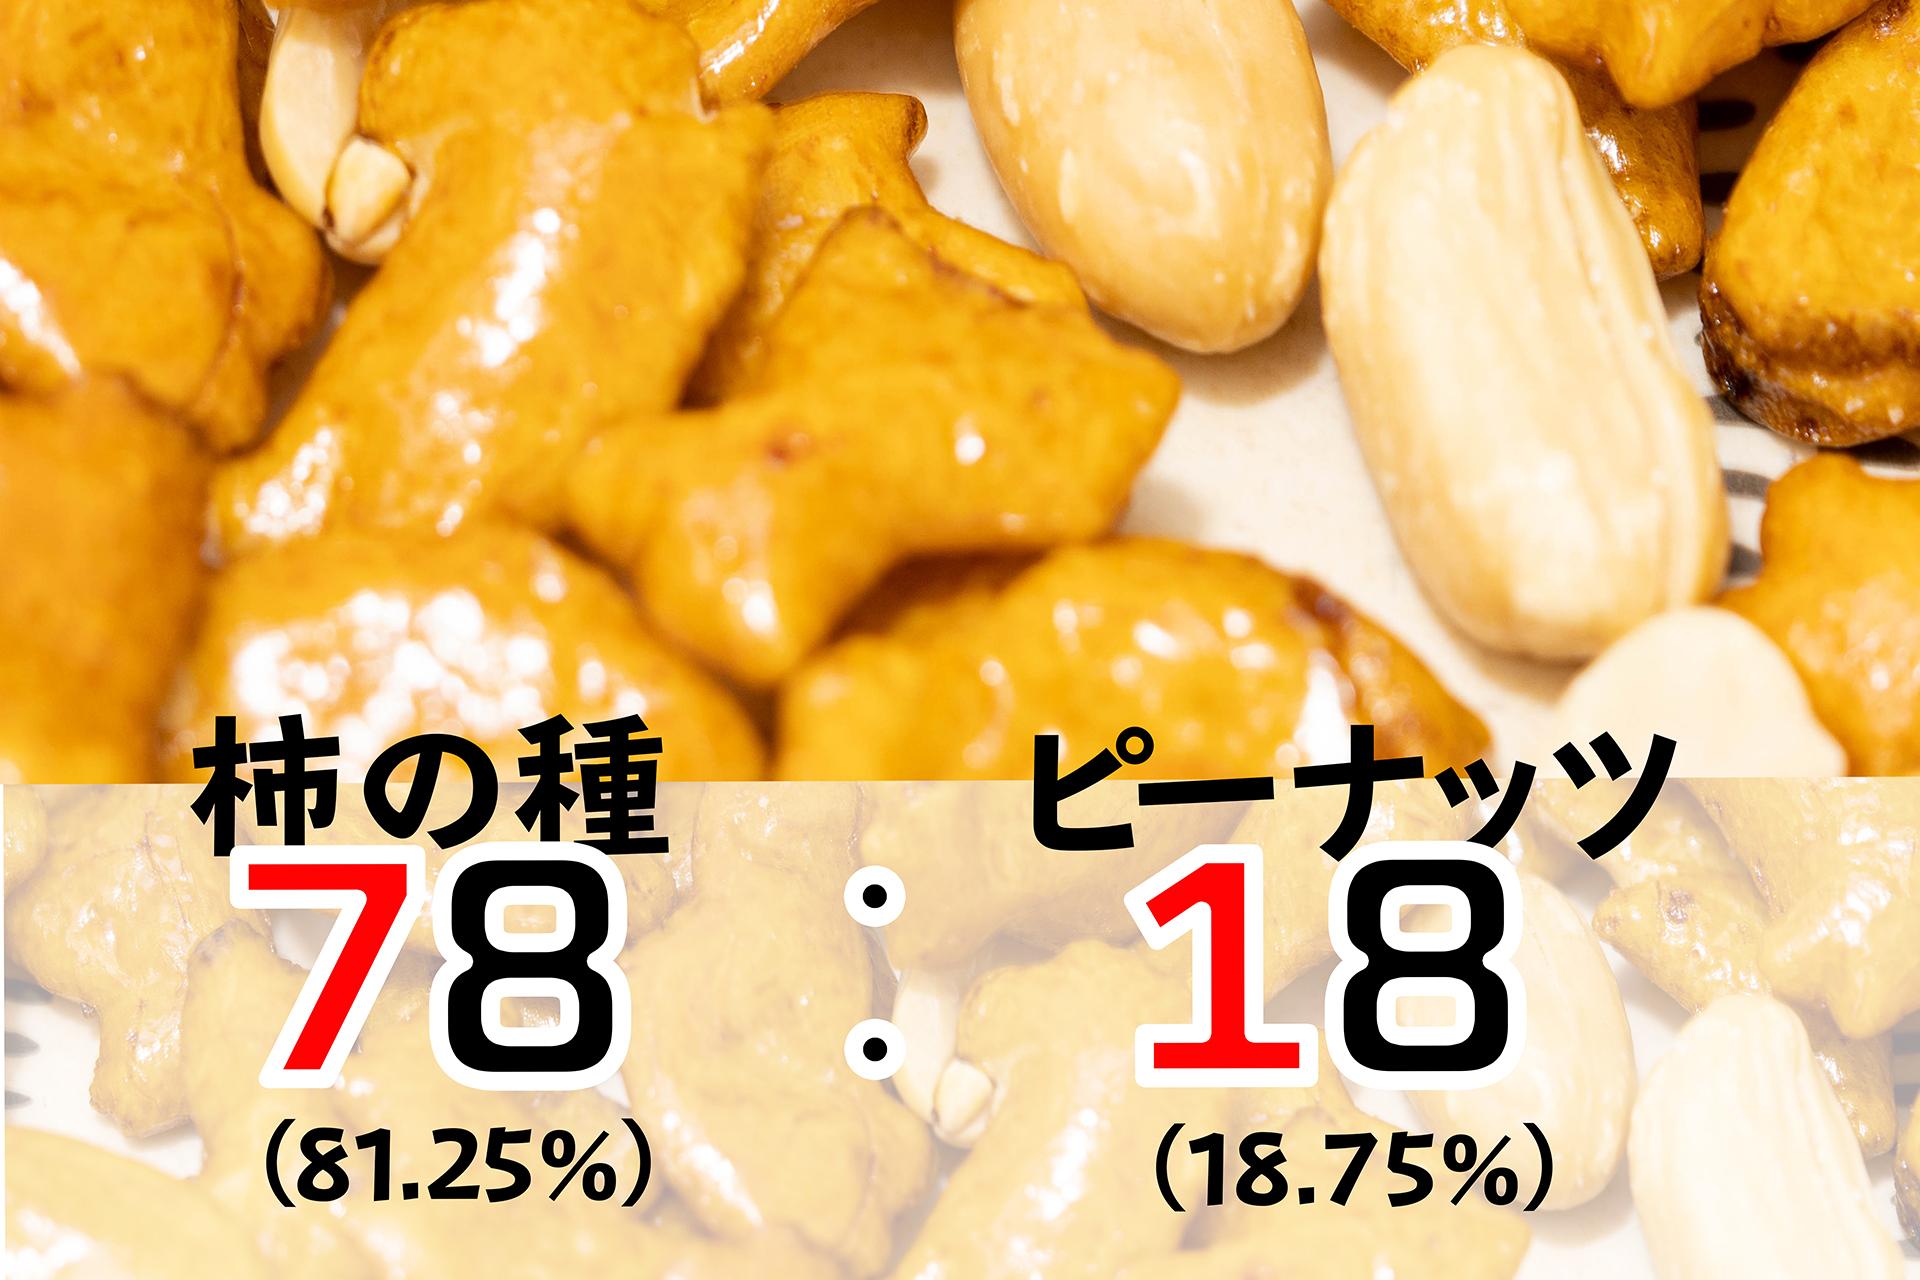 日産・龍屋物産 新型カキノタネ